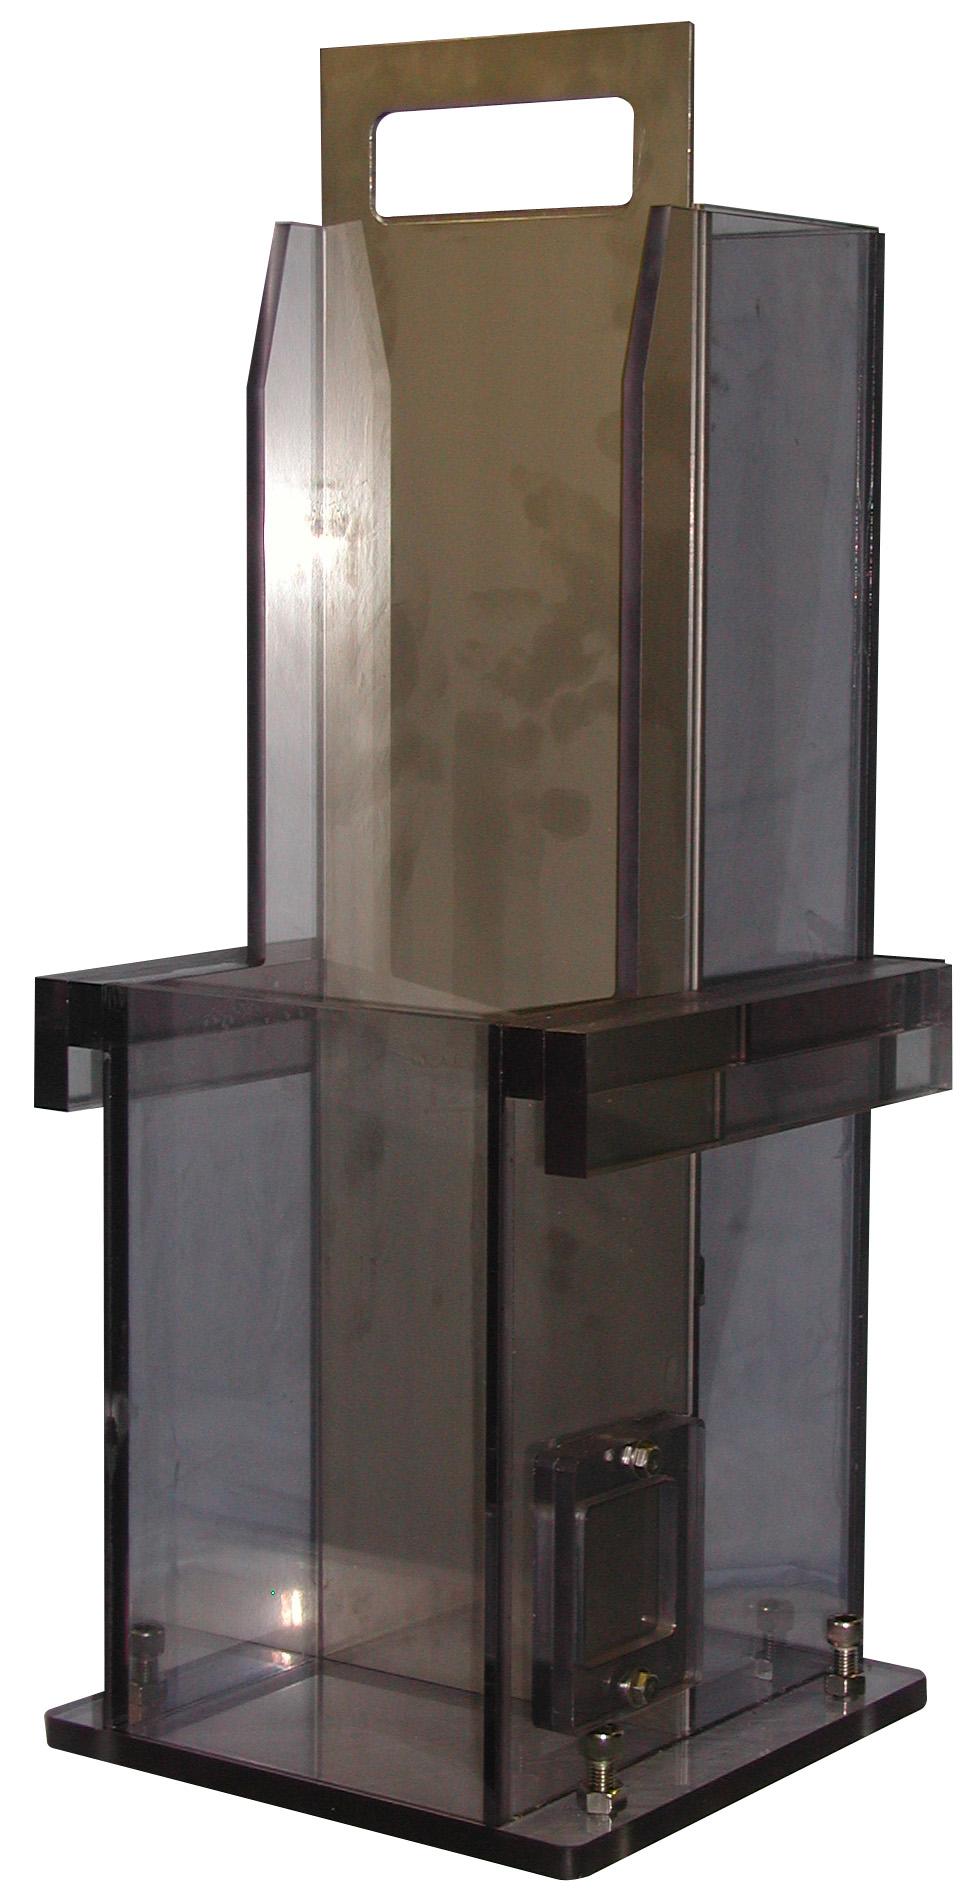 ボックス型容器 W280mmxD200mmxH680mm  流動障害2種